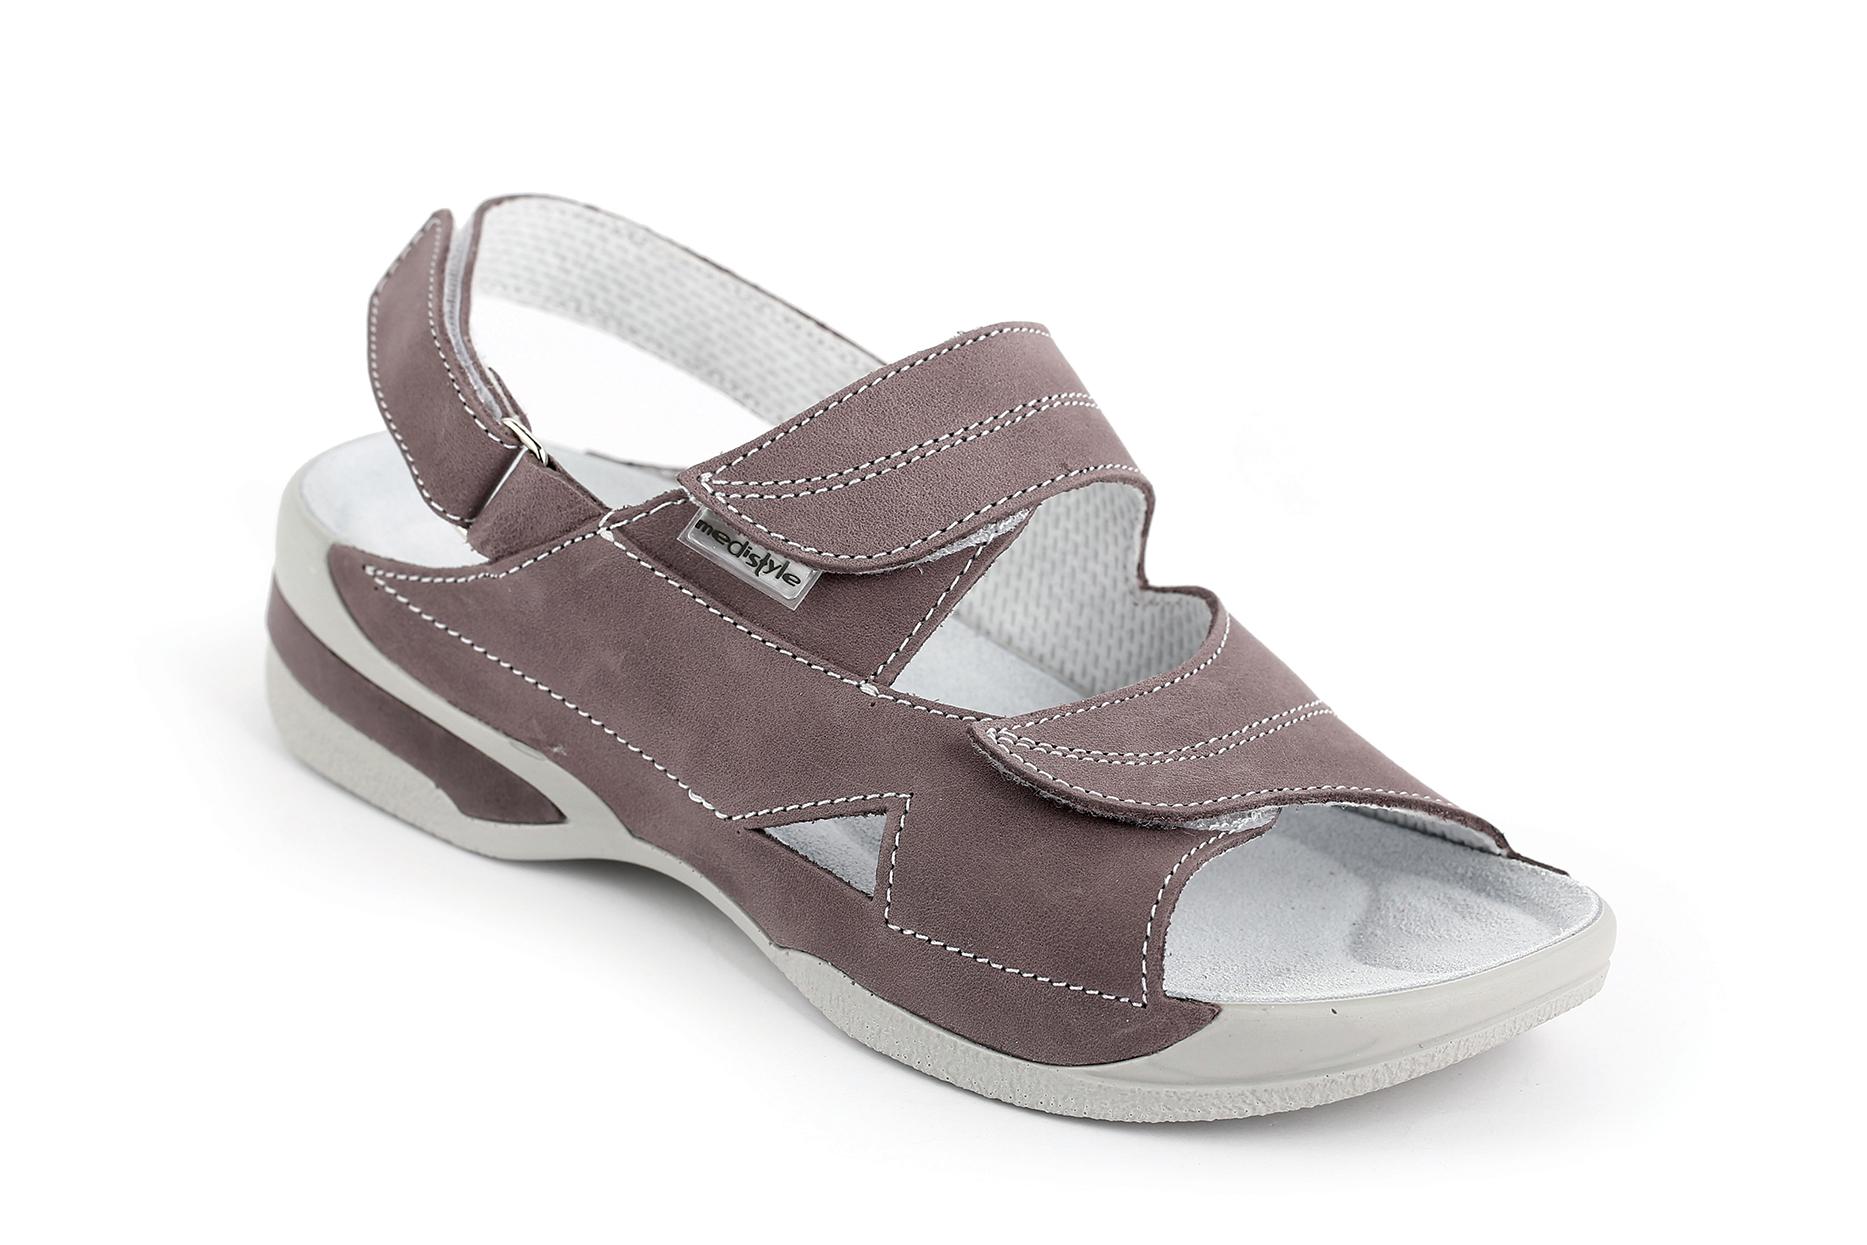 0ef11a4314d6 Sandále LUCY zdravotní obuv dámská šedofialová 5L-E2LA Medistyle